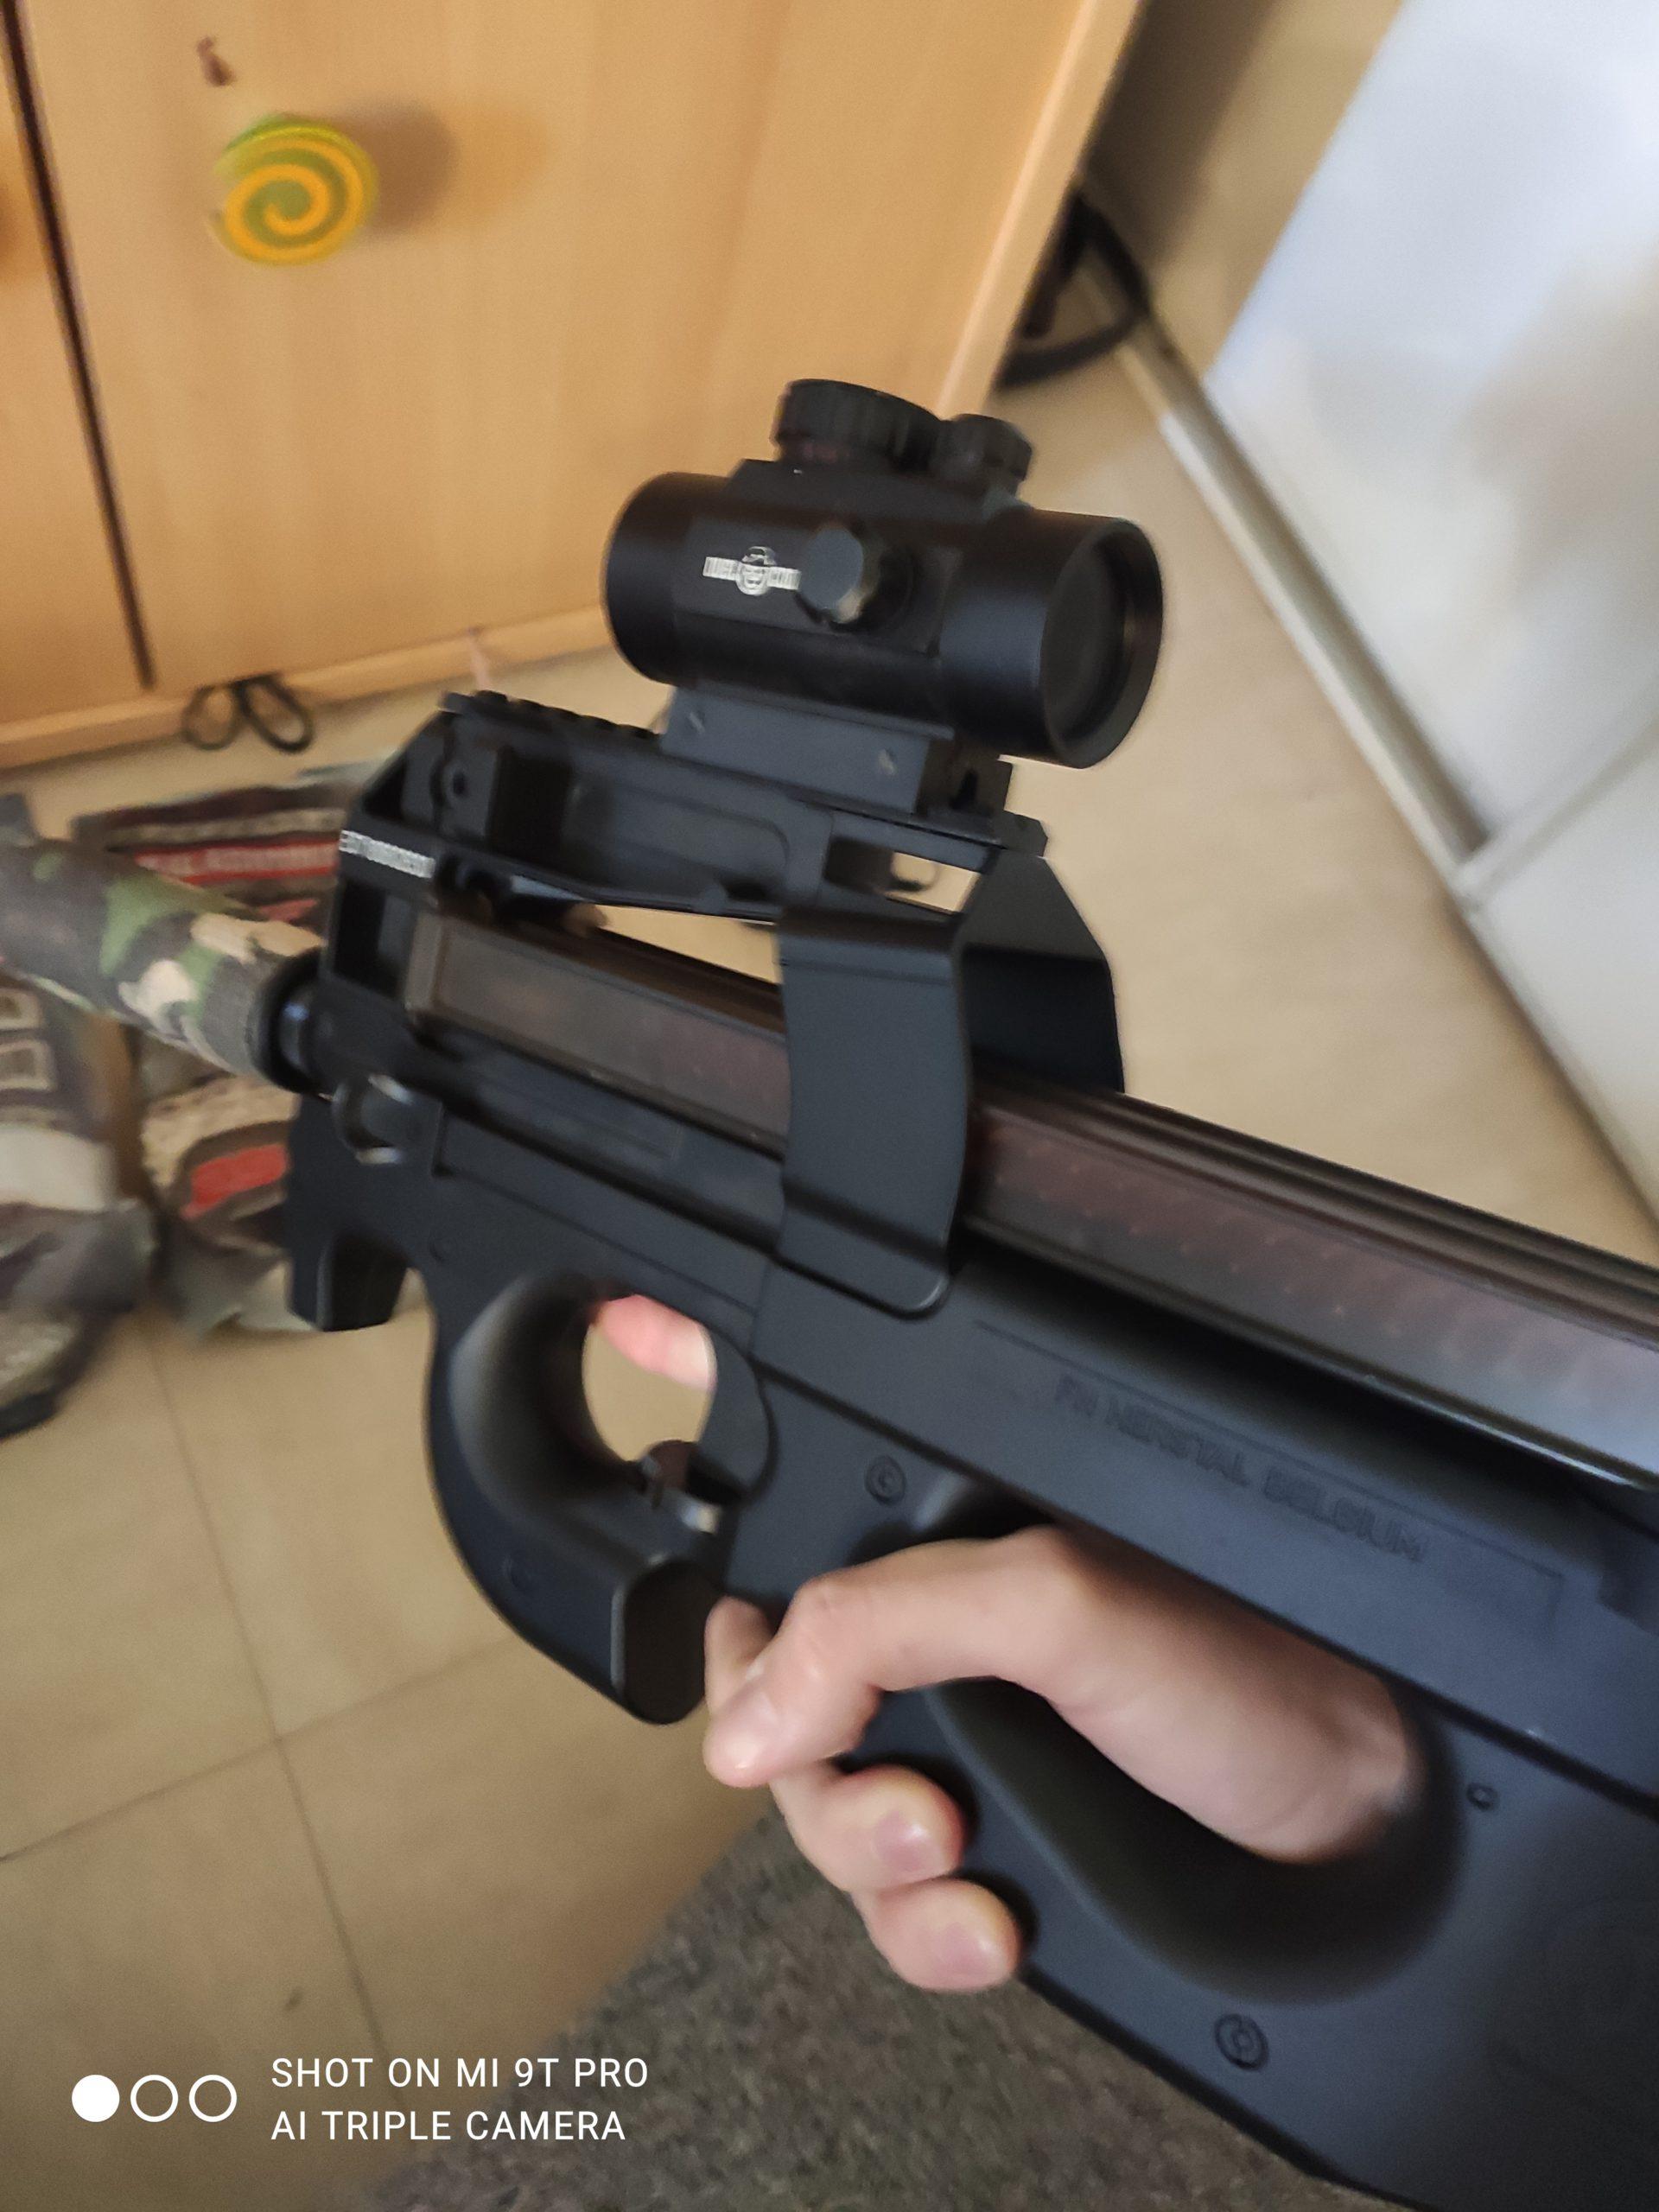 P90 FN Herstal 2 joules